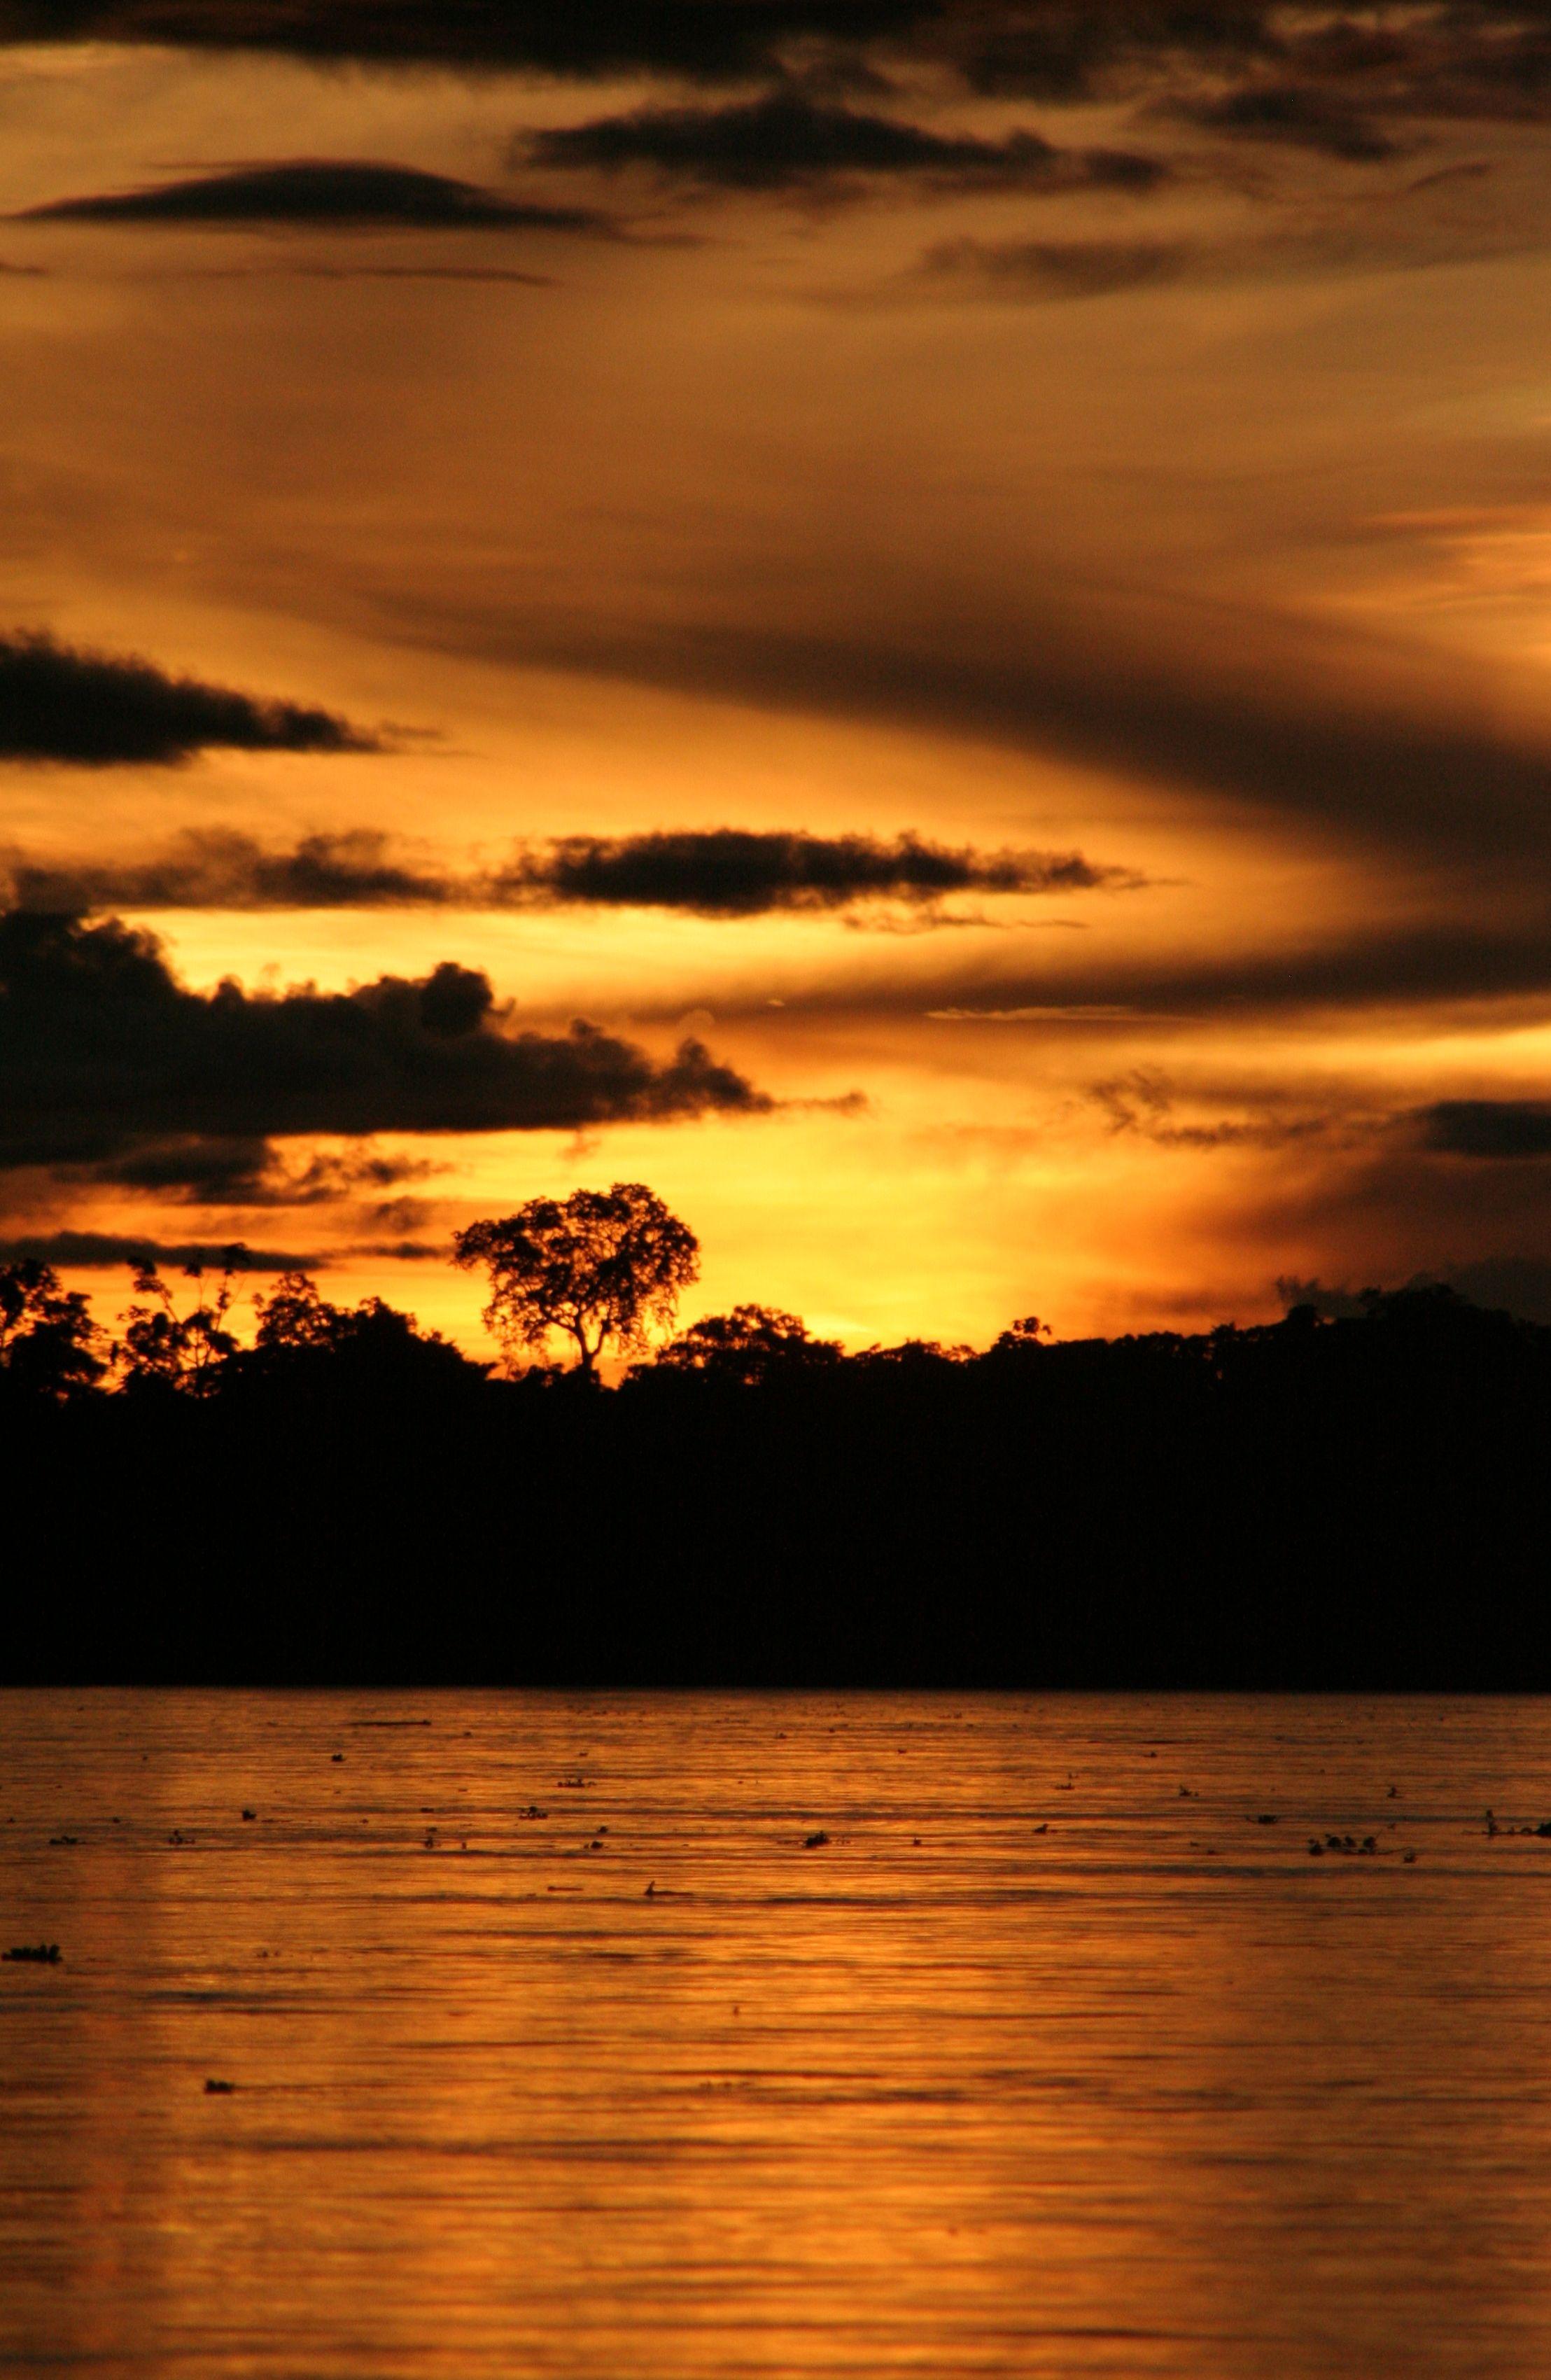 Peru. Photo by Pelin Karaca.